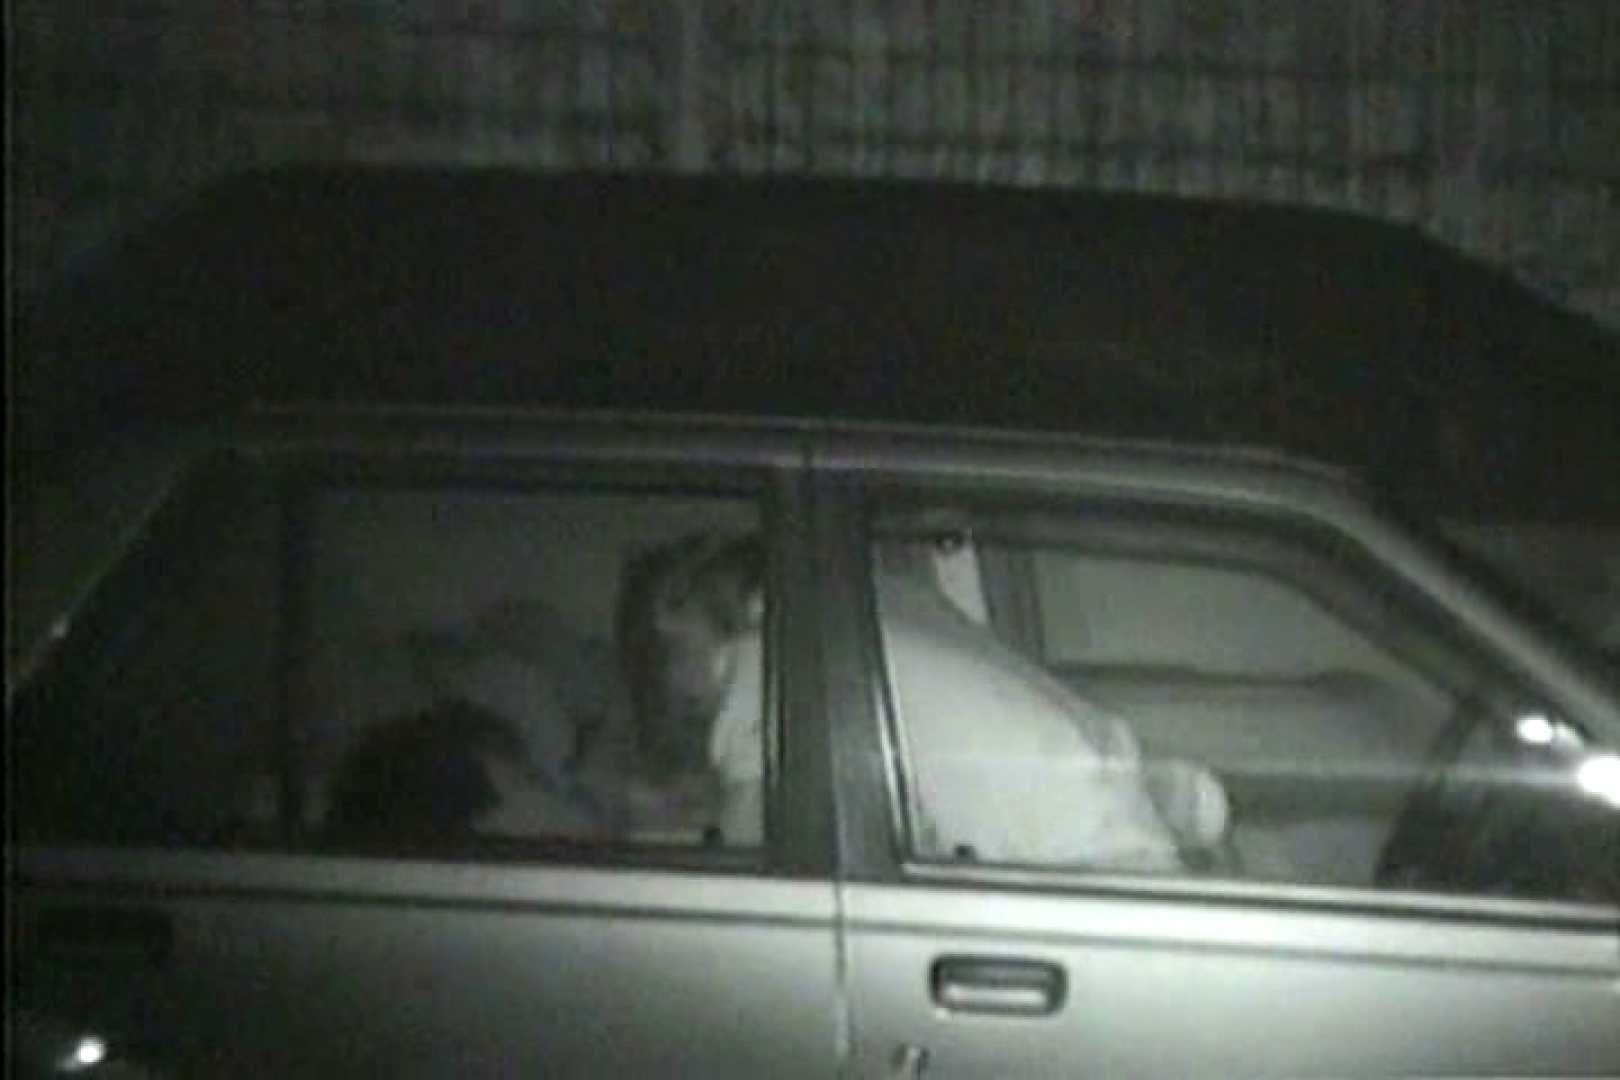 車の中はラブホテル 無修正版  Vol.10 美しいOLの裸体 ワレメ無修正動画無料 87pic 2